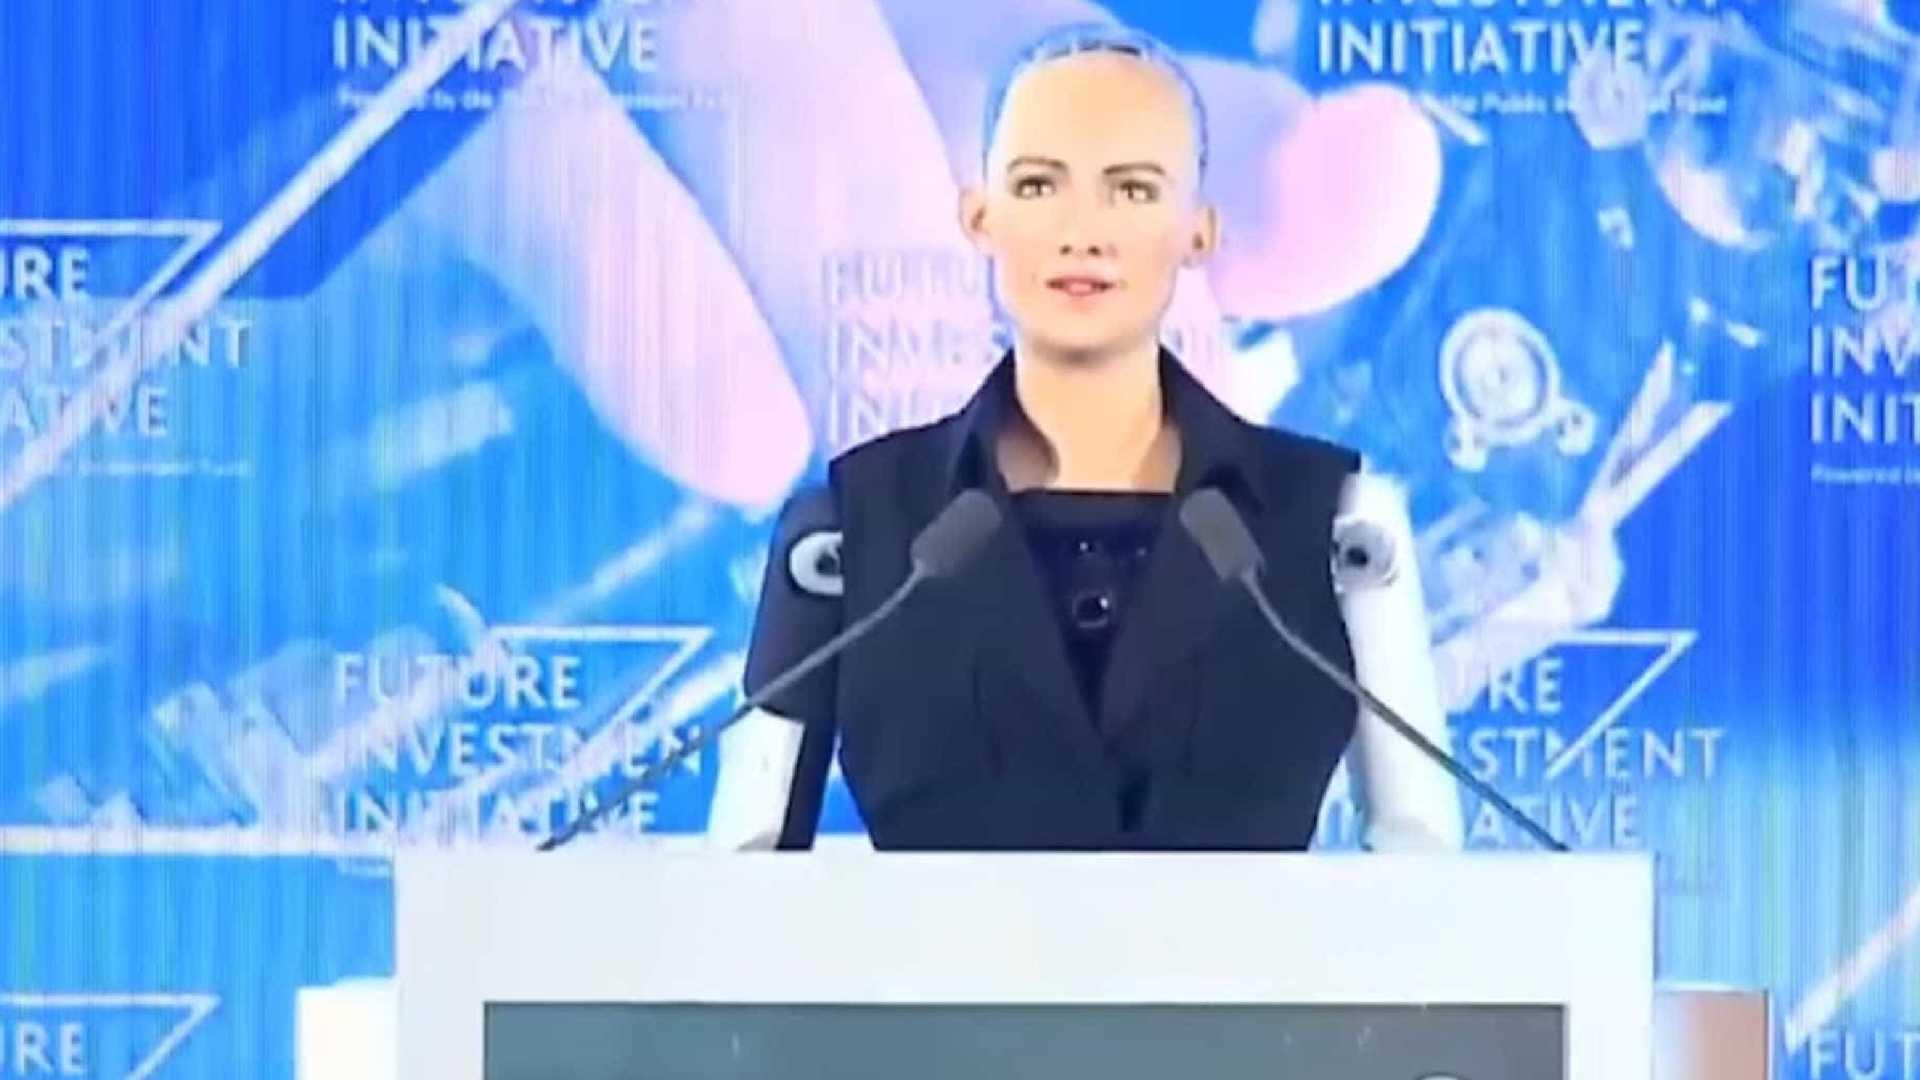 arábia saudita: robot recebeu cidadania e as críticas não se fizeram esperar - robot sophia - Arábia Saudita: Robot recebeu cidadania e as críticas não se fizeram esperar